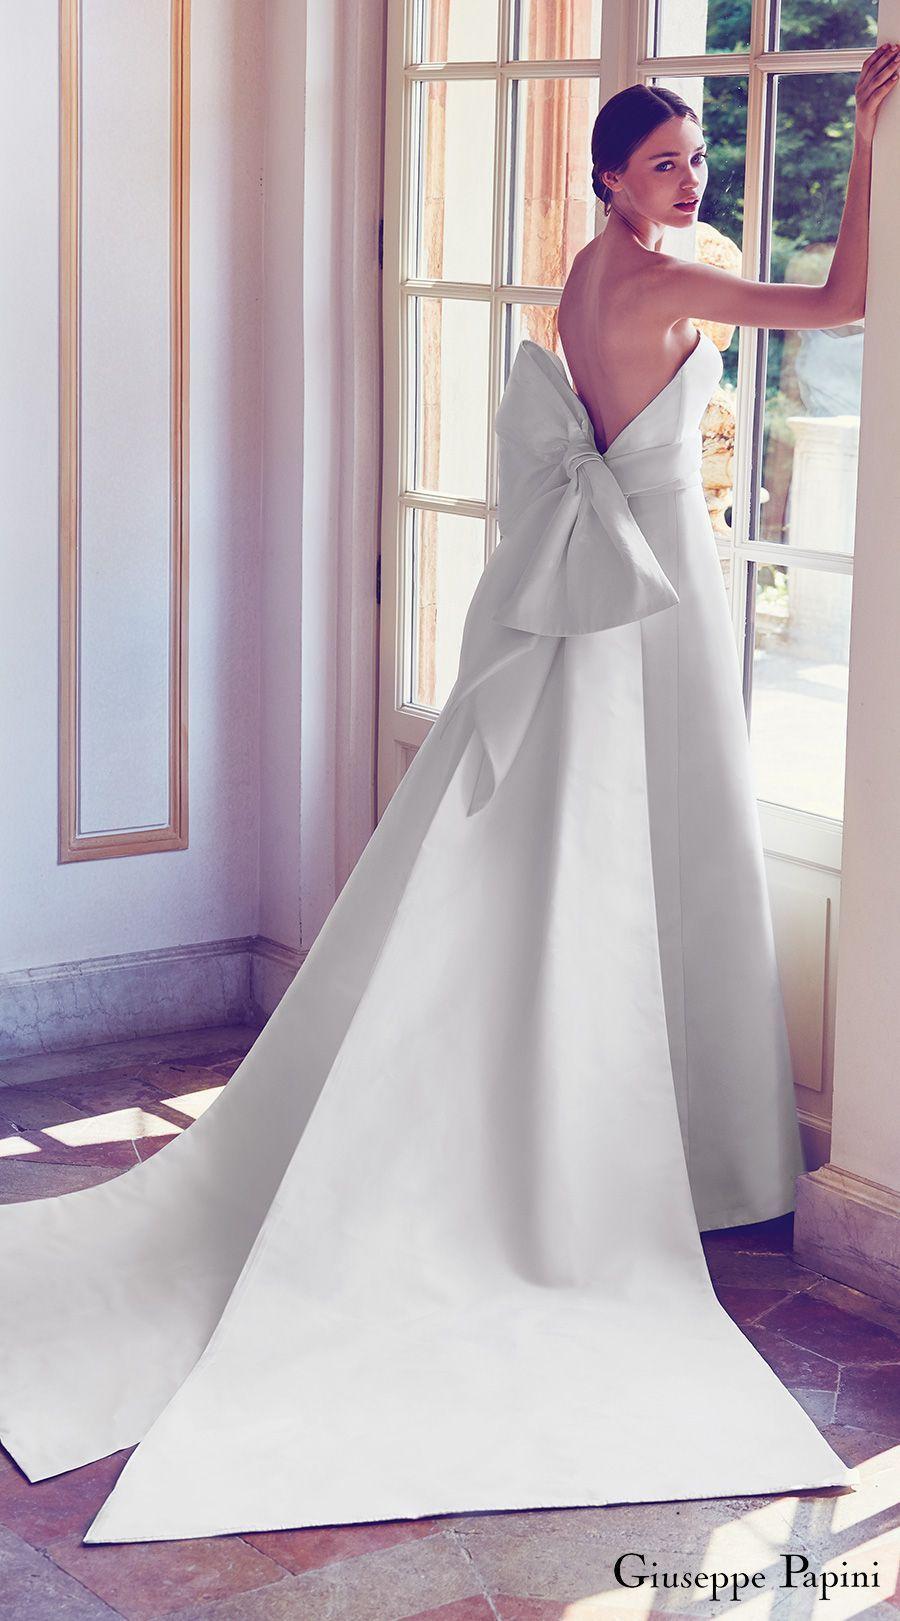 Wedding dress with bow on back  giuseppe papini  porto venere strapless minimally embellished